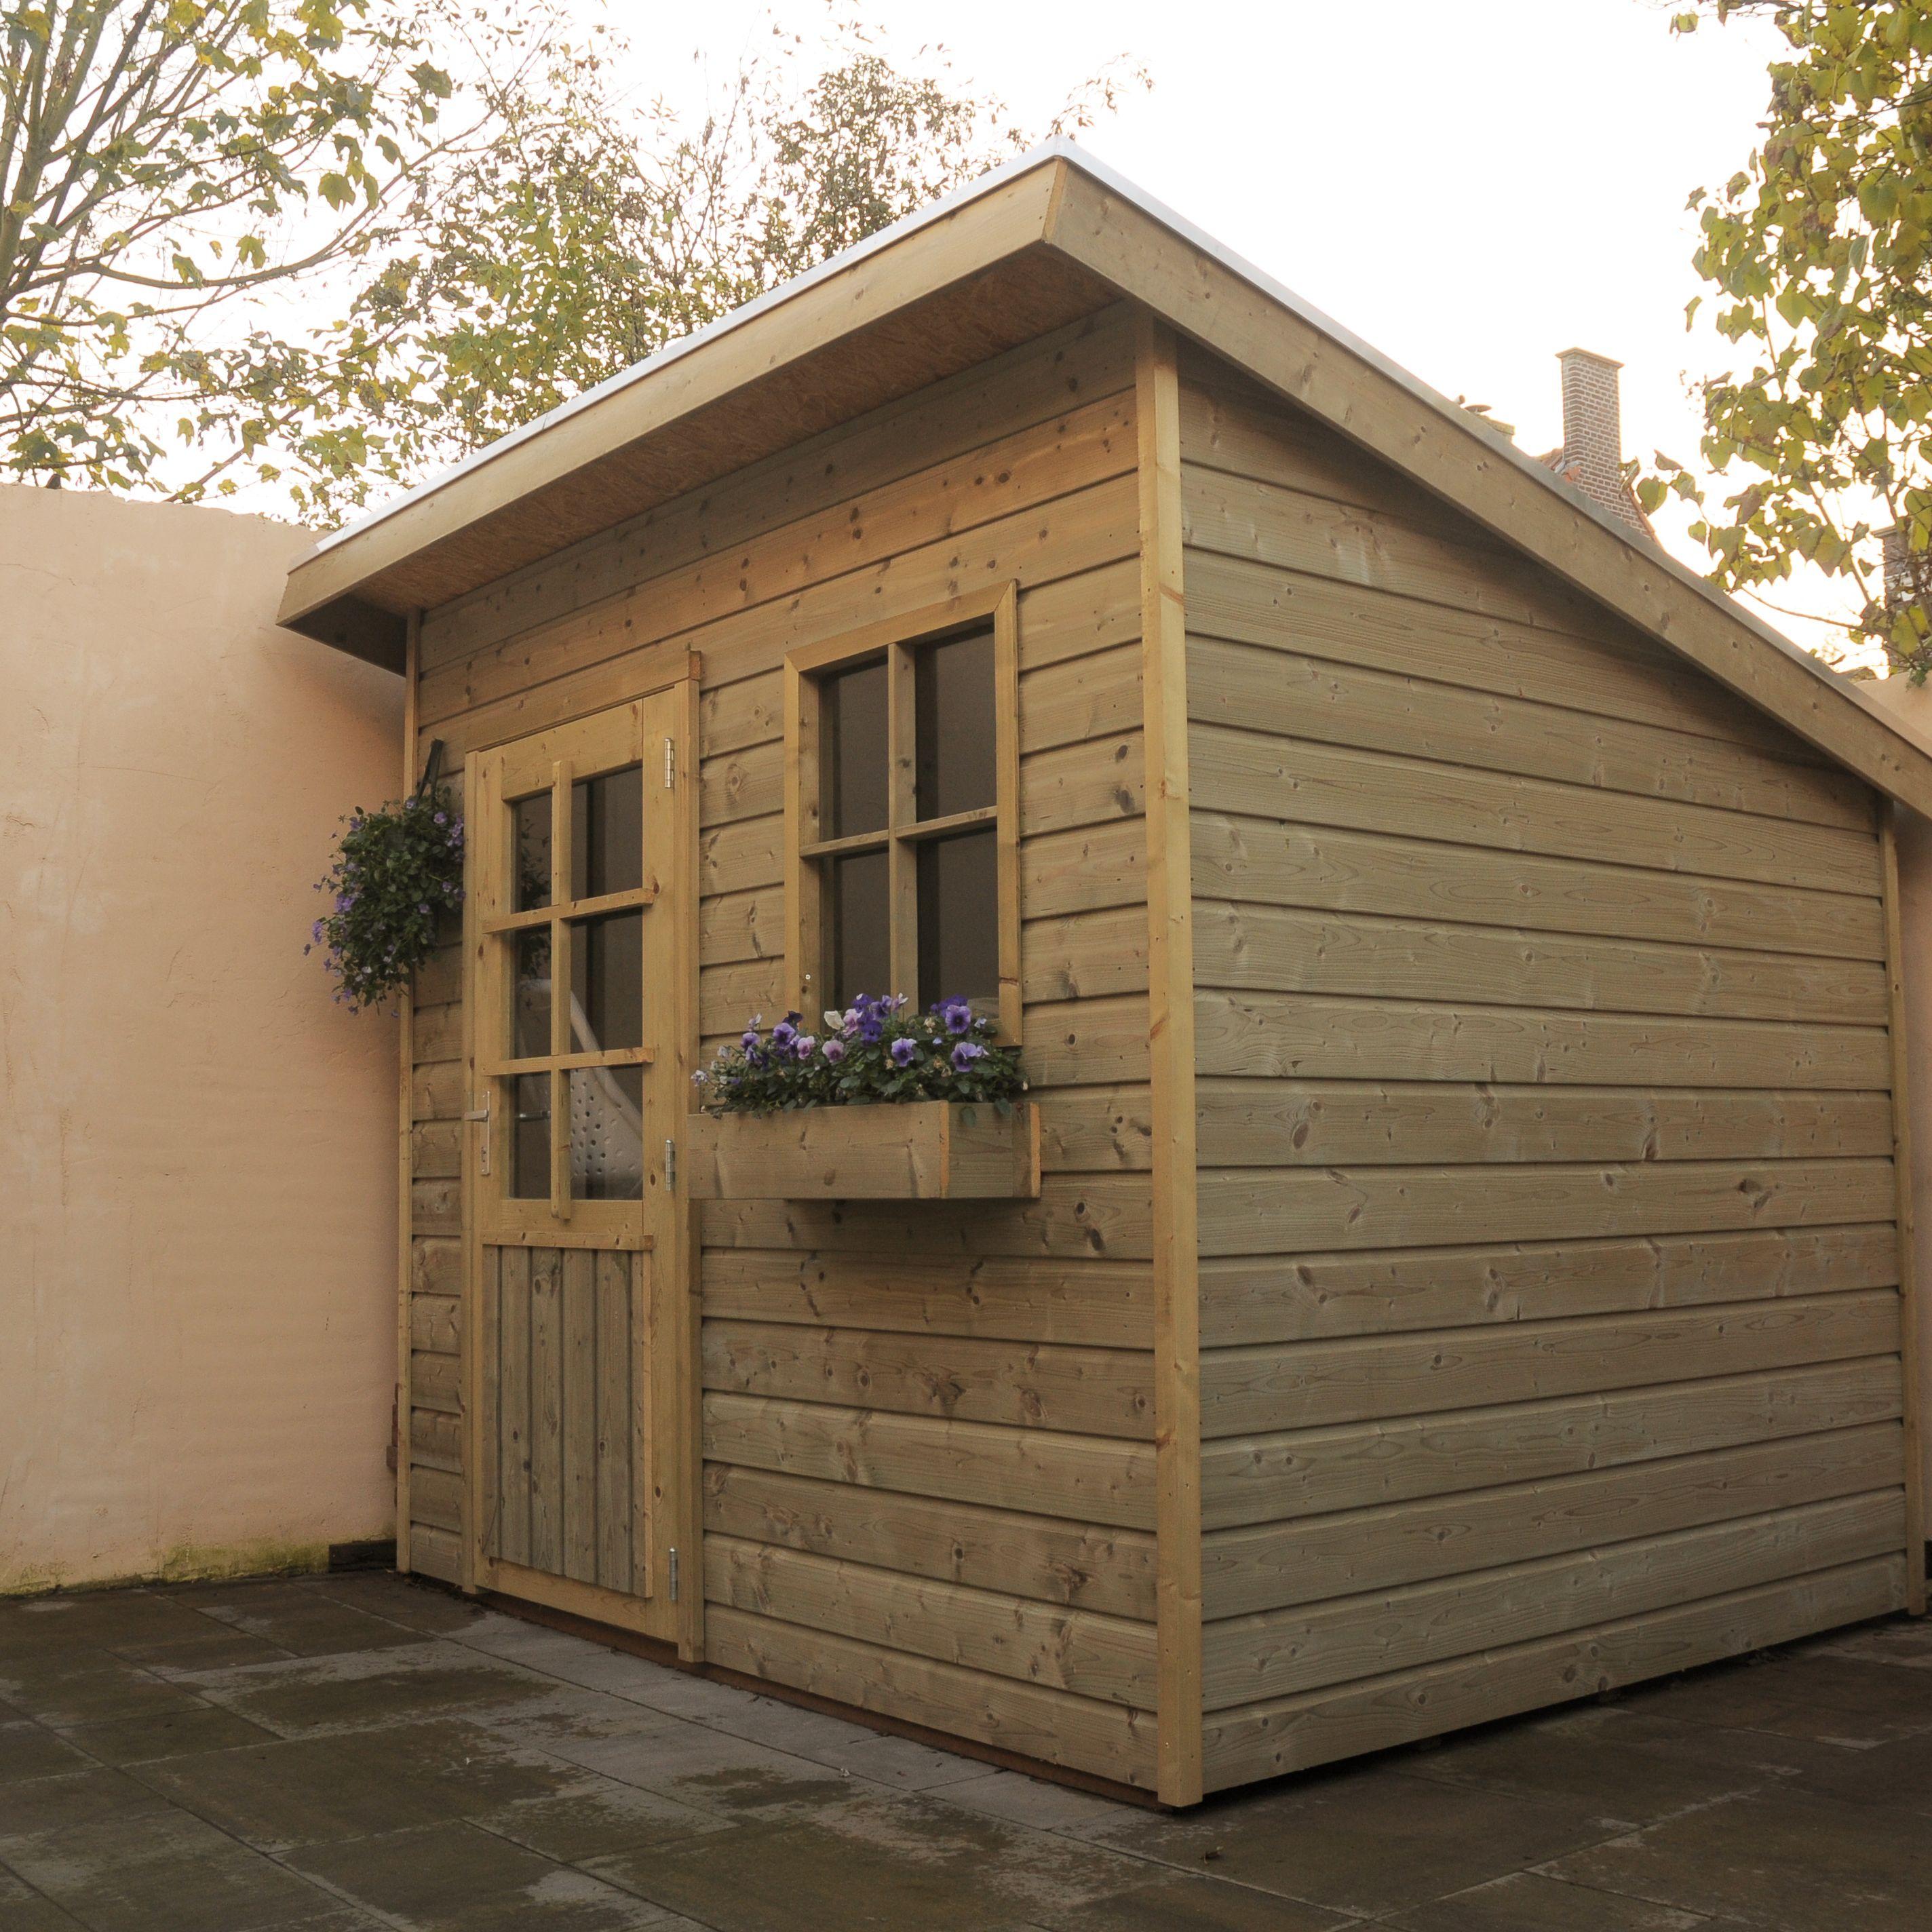 Tuinhuis Met Lessenaarsdak 2 X 3 Meter De Pimpelmees